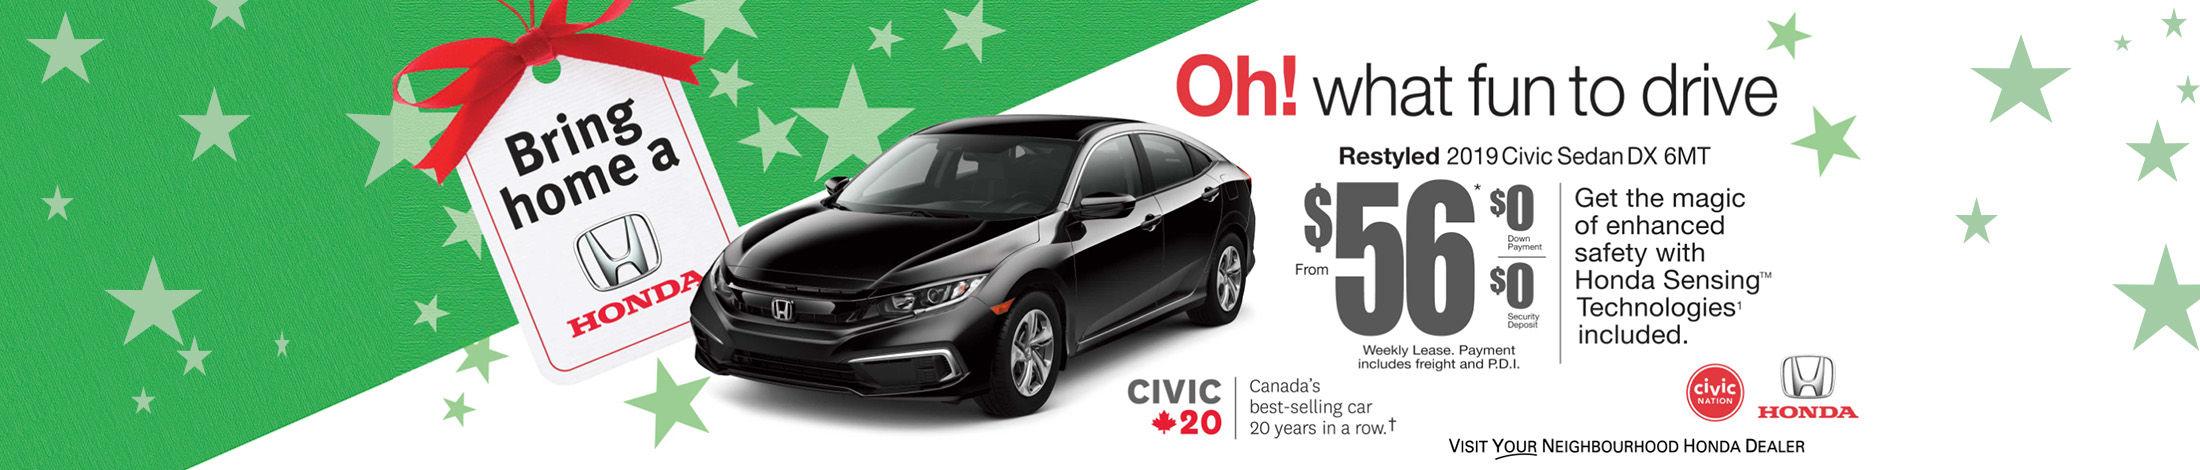 Bring home a Honda (Copy)